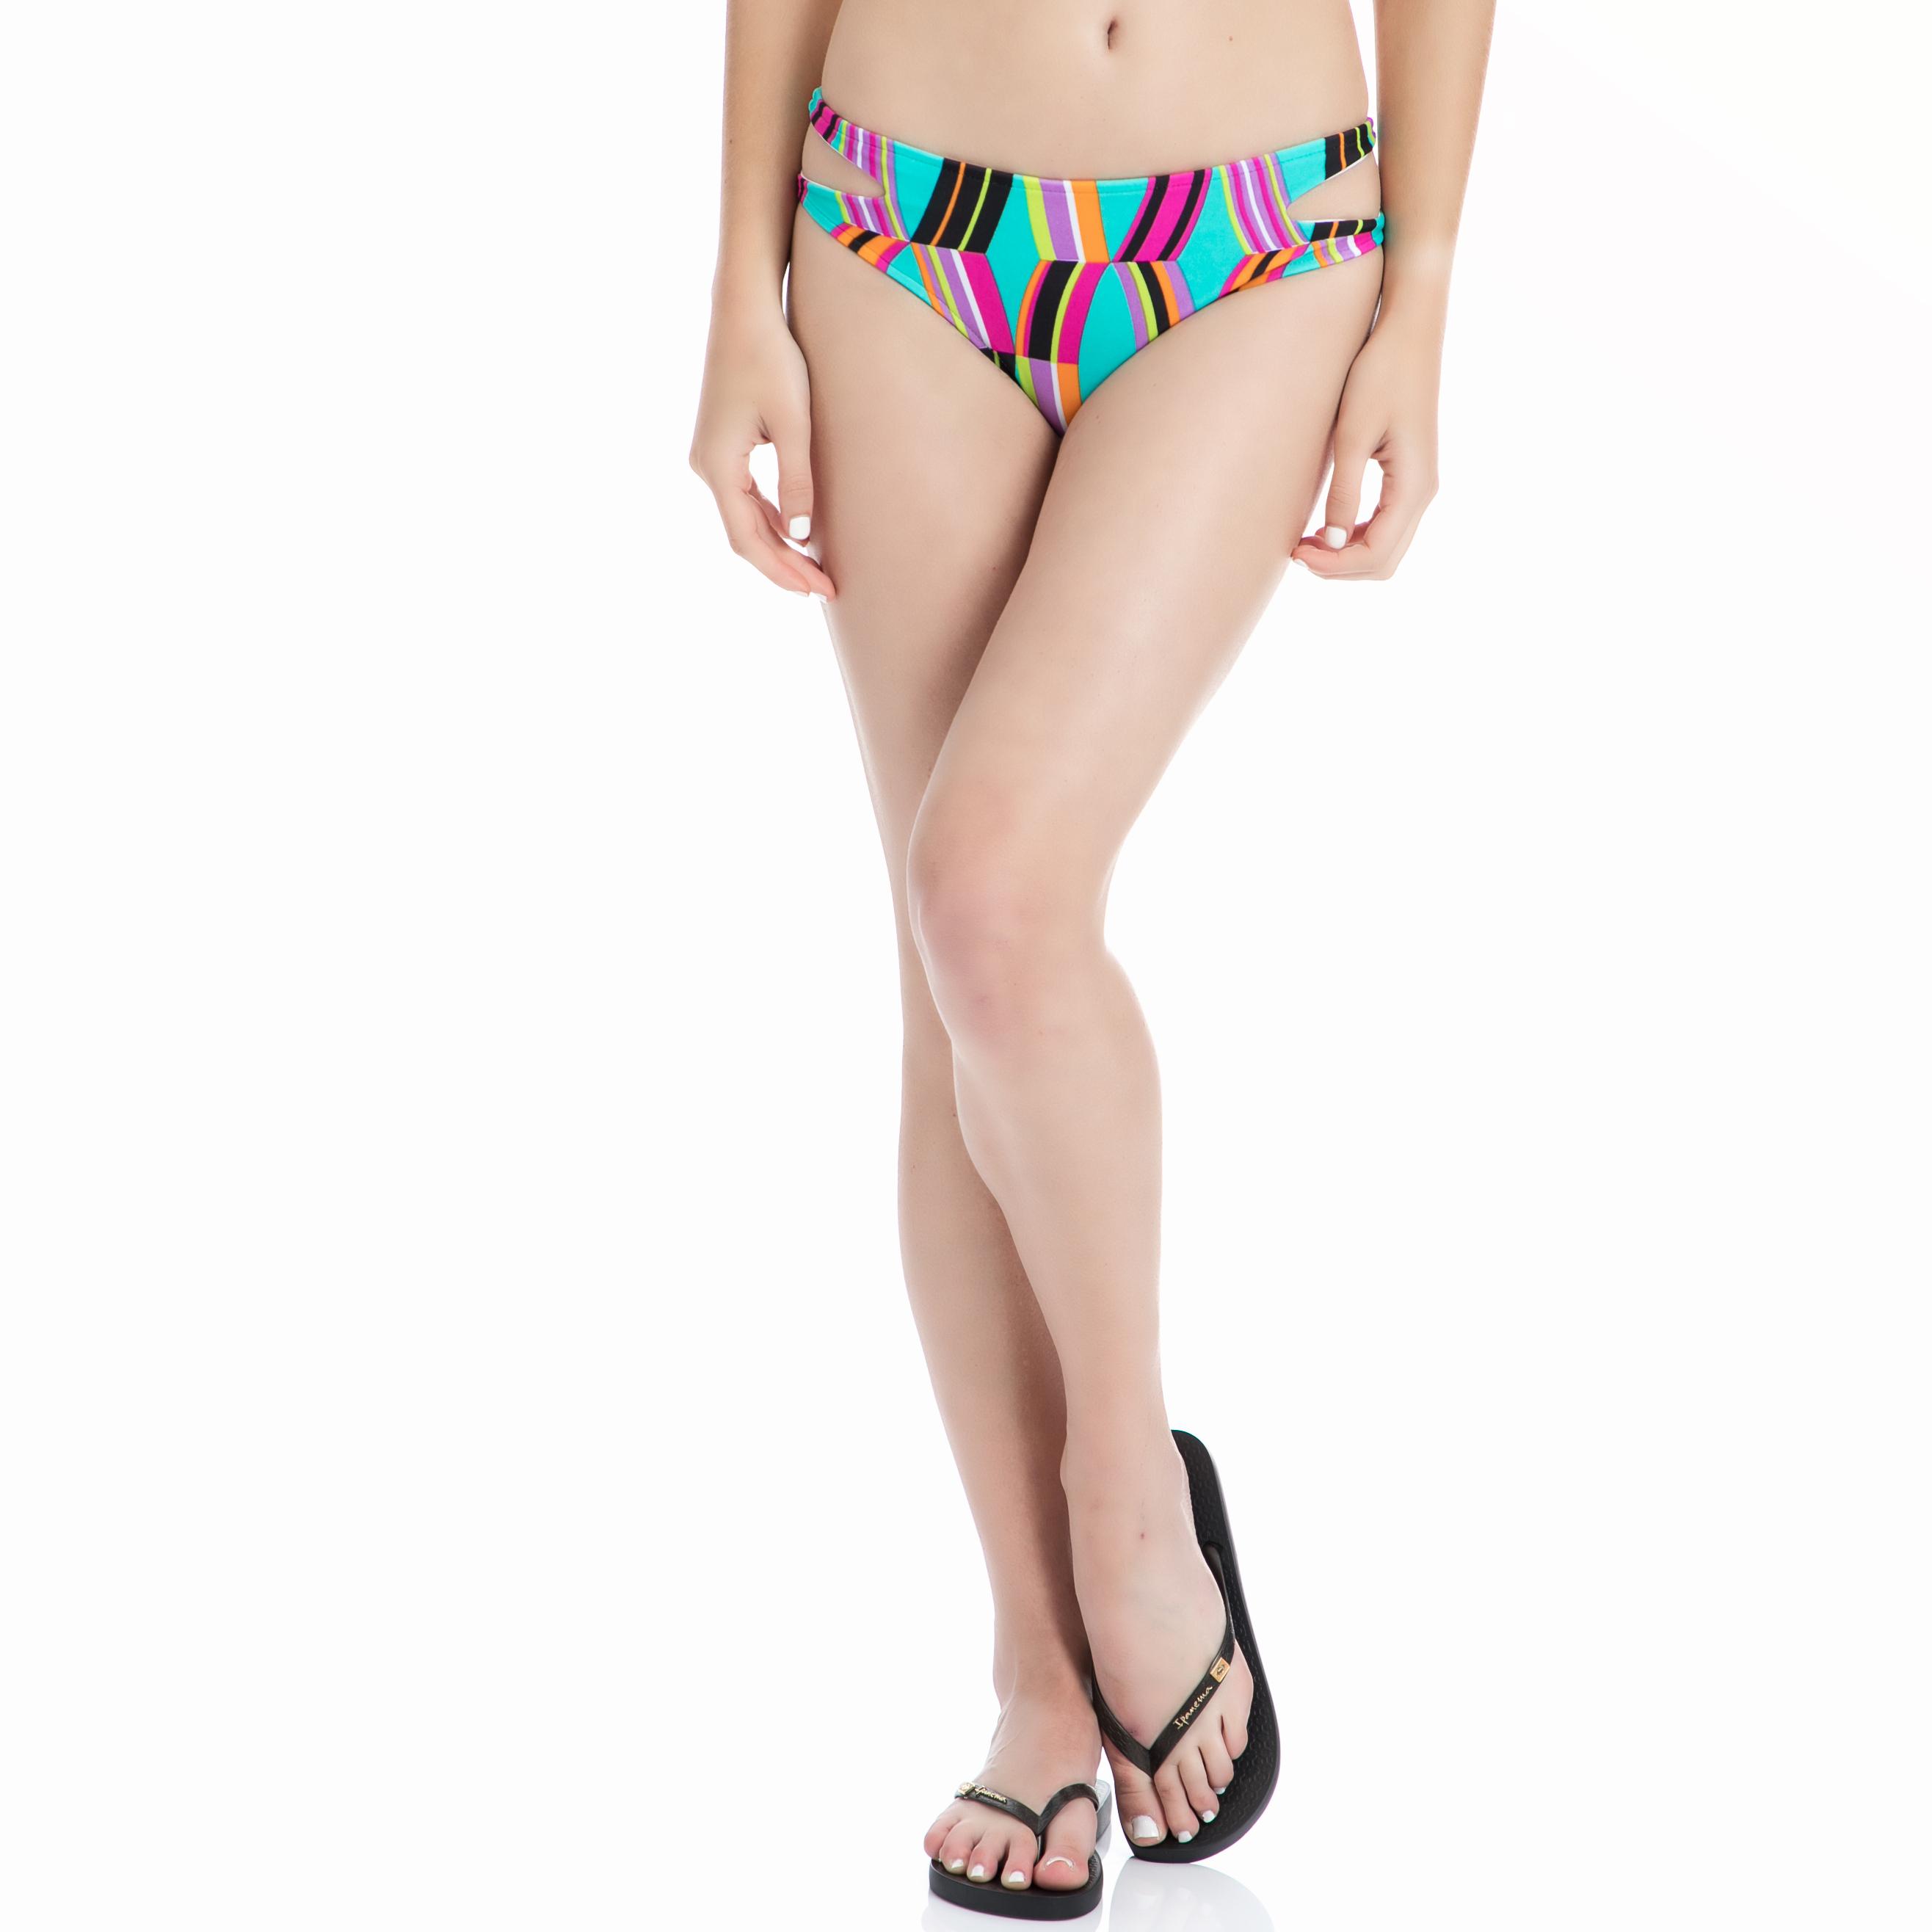 LOCOLOCO BRAZIL - Γυναικείο μαγιό σλιπ LOCOLOCO BRAZIL εμπριμέ γυναικεία ρούχα μαγιό κάτω μερος